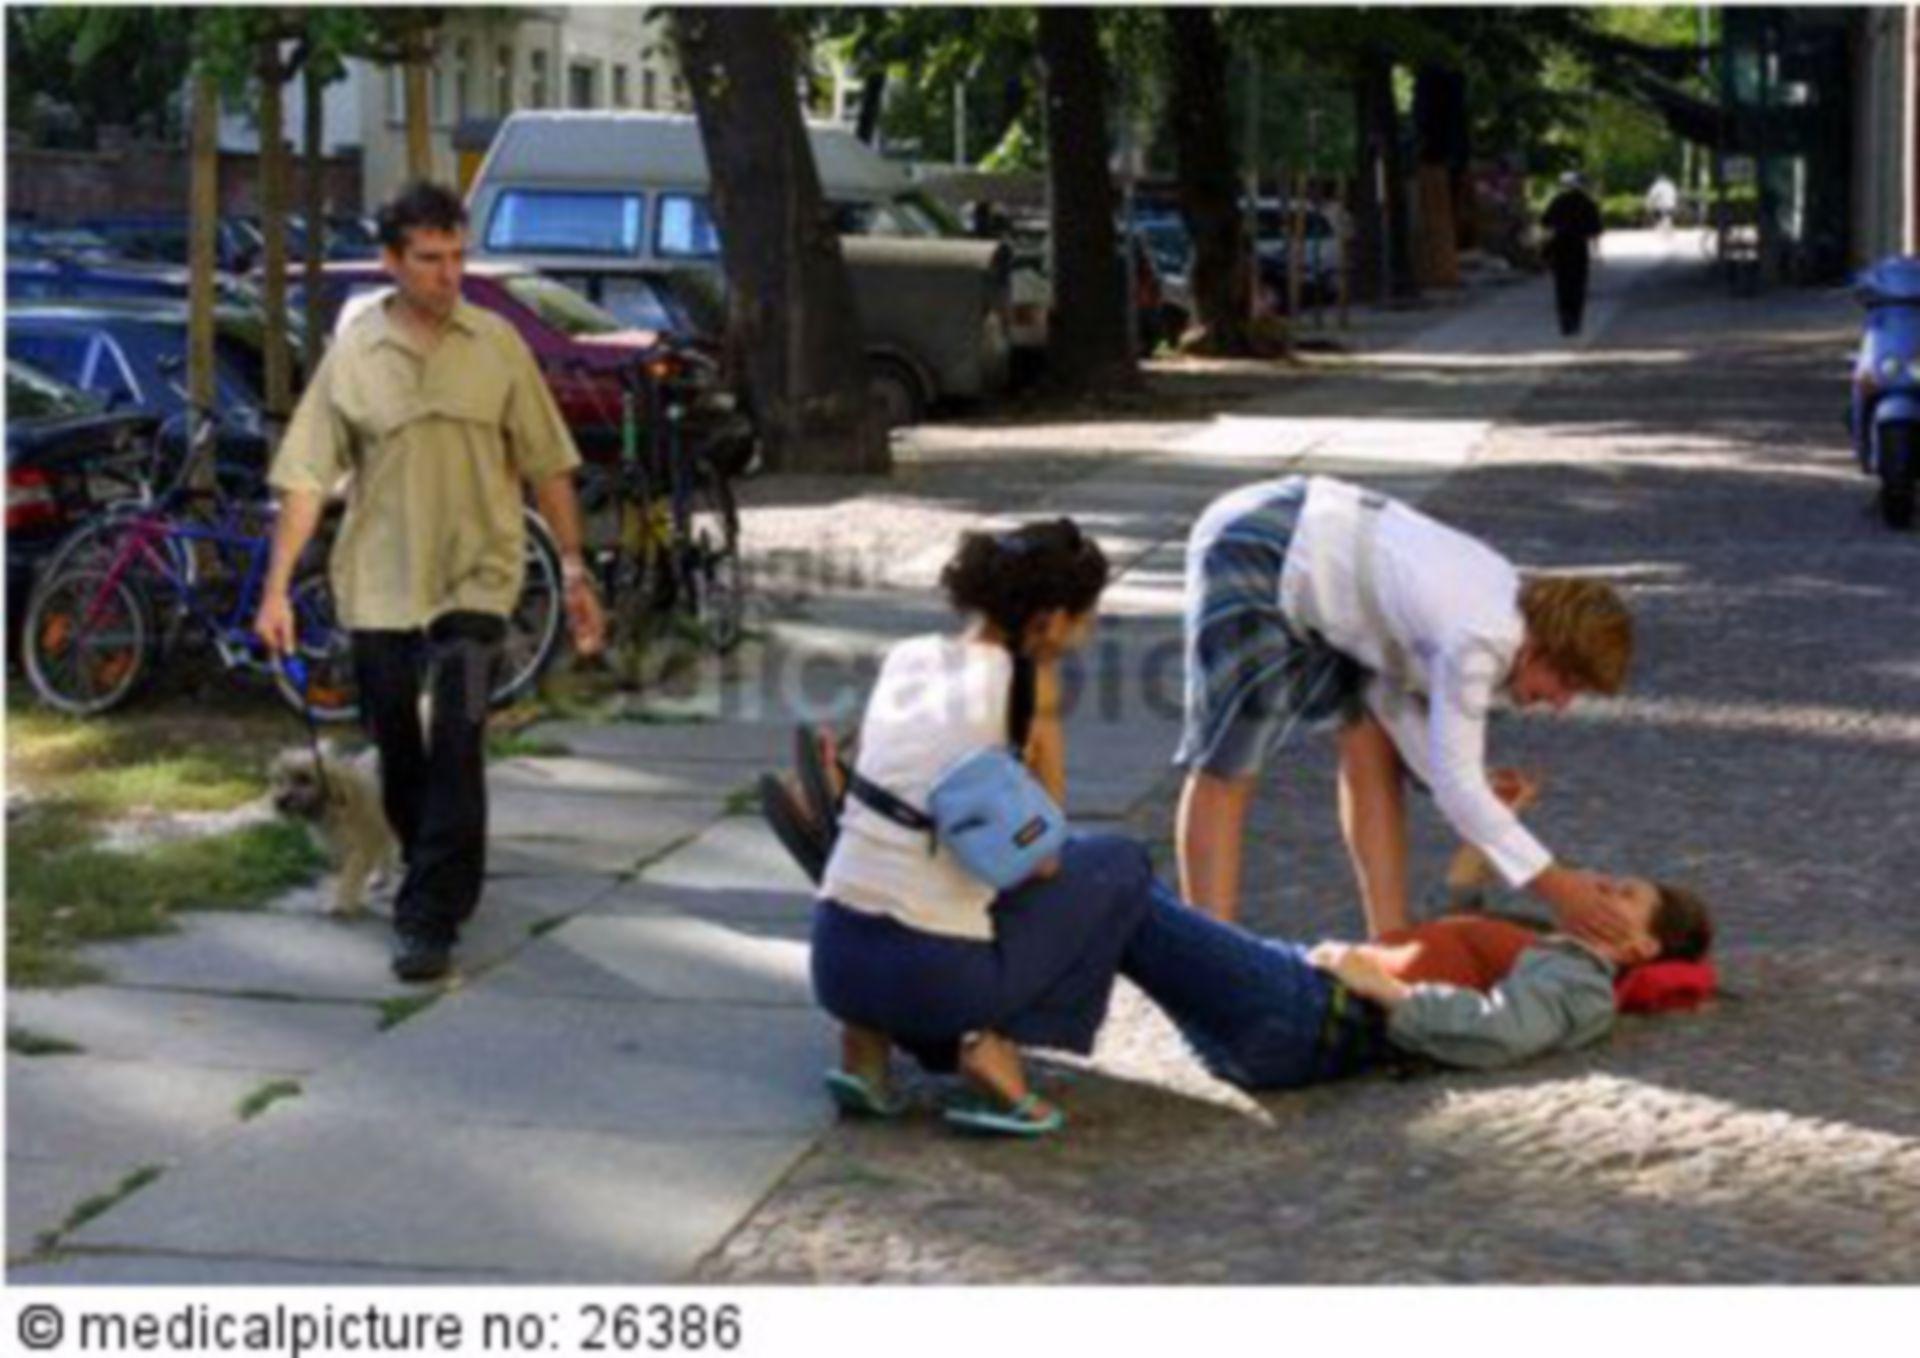 Ohnmächtige Person auf Straße mit Ersthelfern